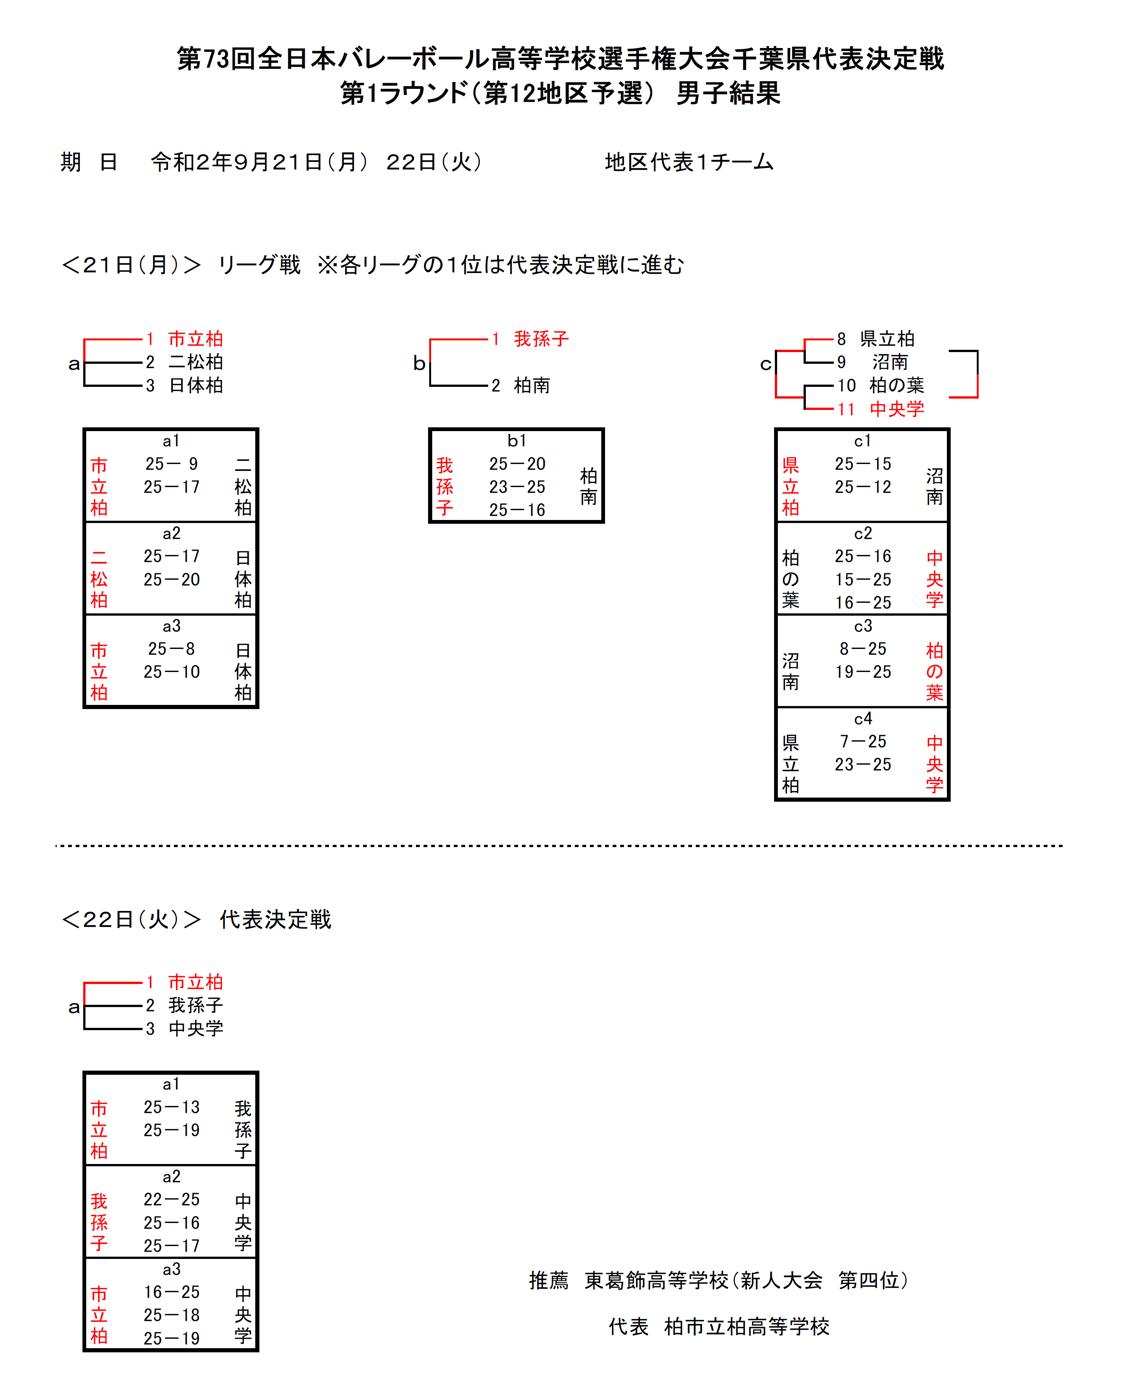 2021春高_千葉予選_1次ラウンド_第12地区_男子_結果